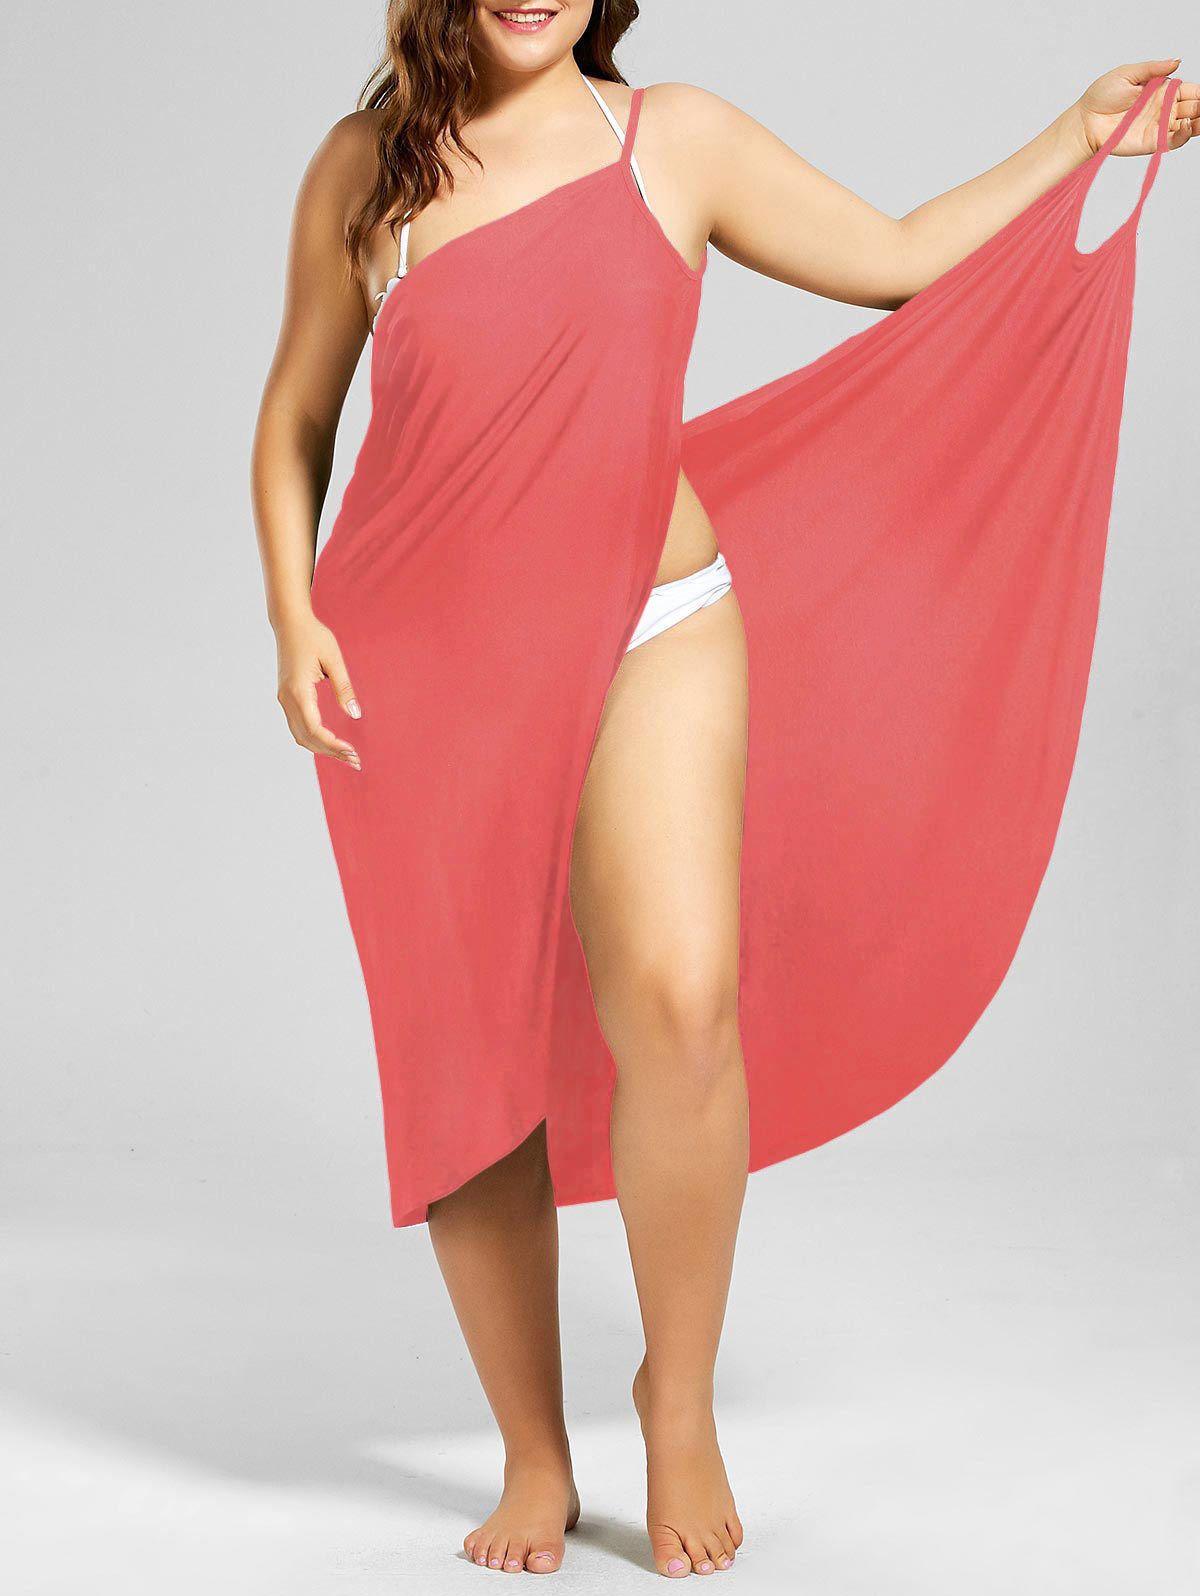 Femmes Plage Sarong Robe Pareo couvrir de baignade maillot de bain Bikini Maillots de bain Wrap